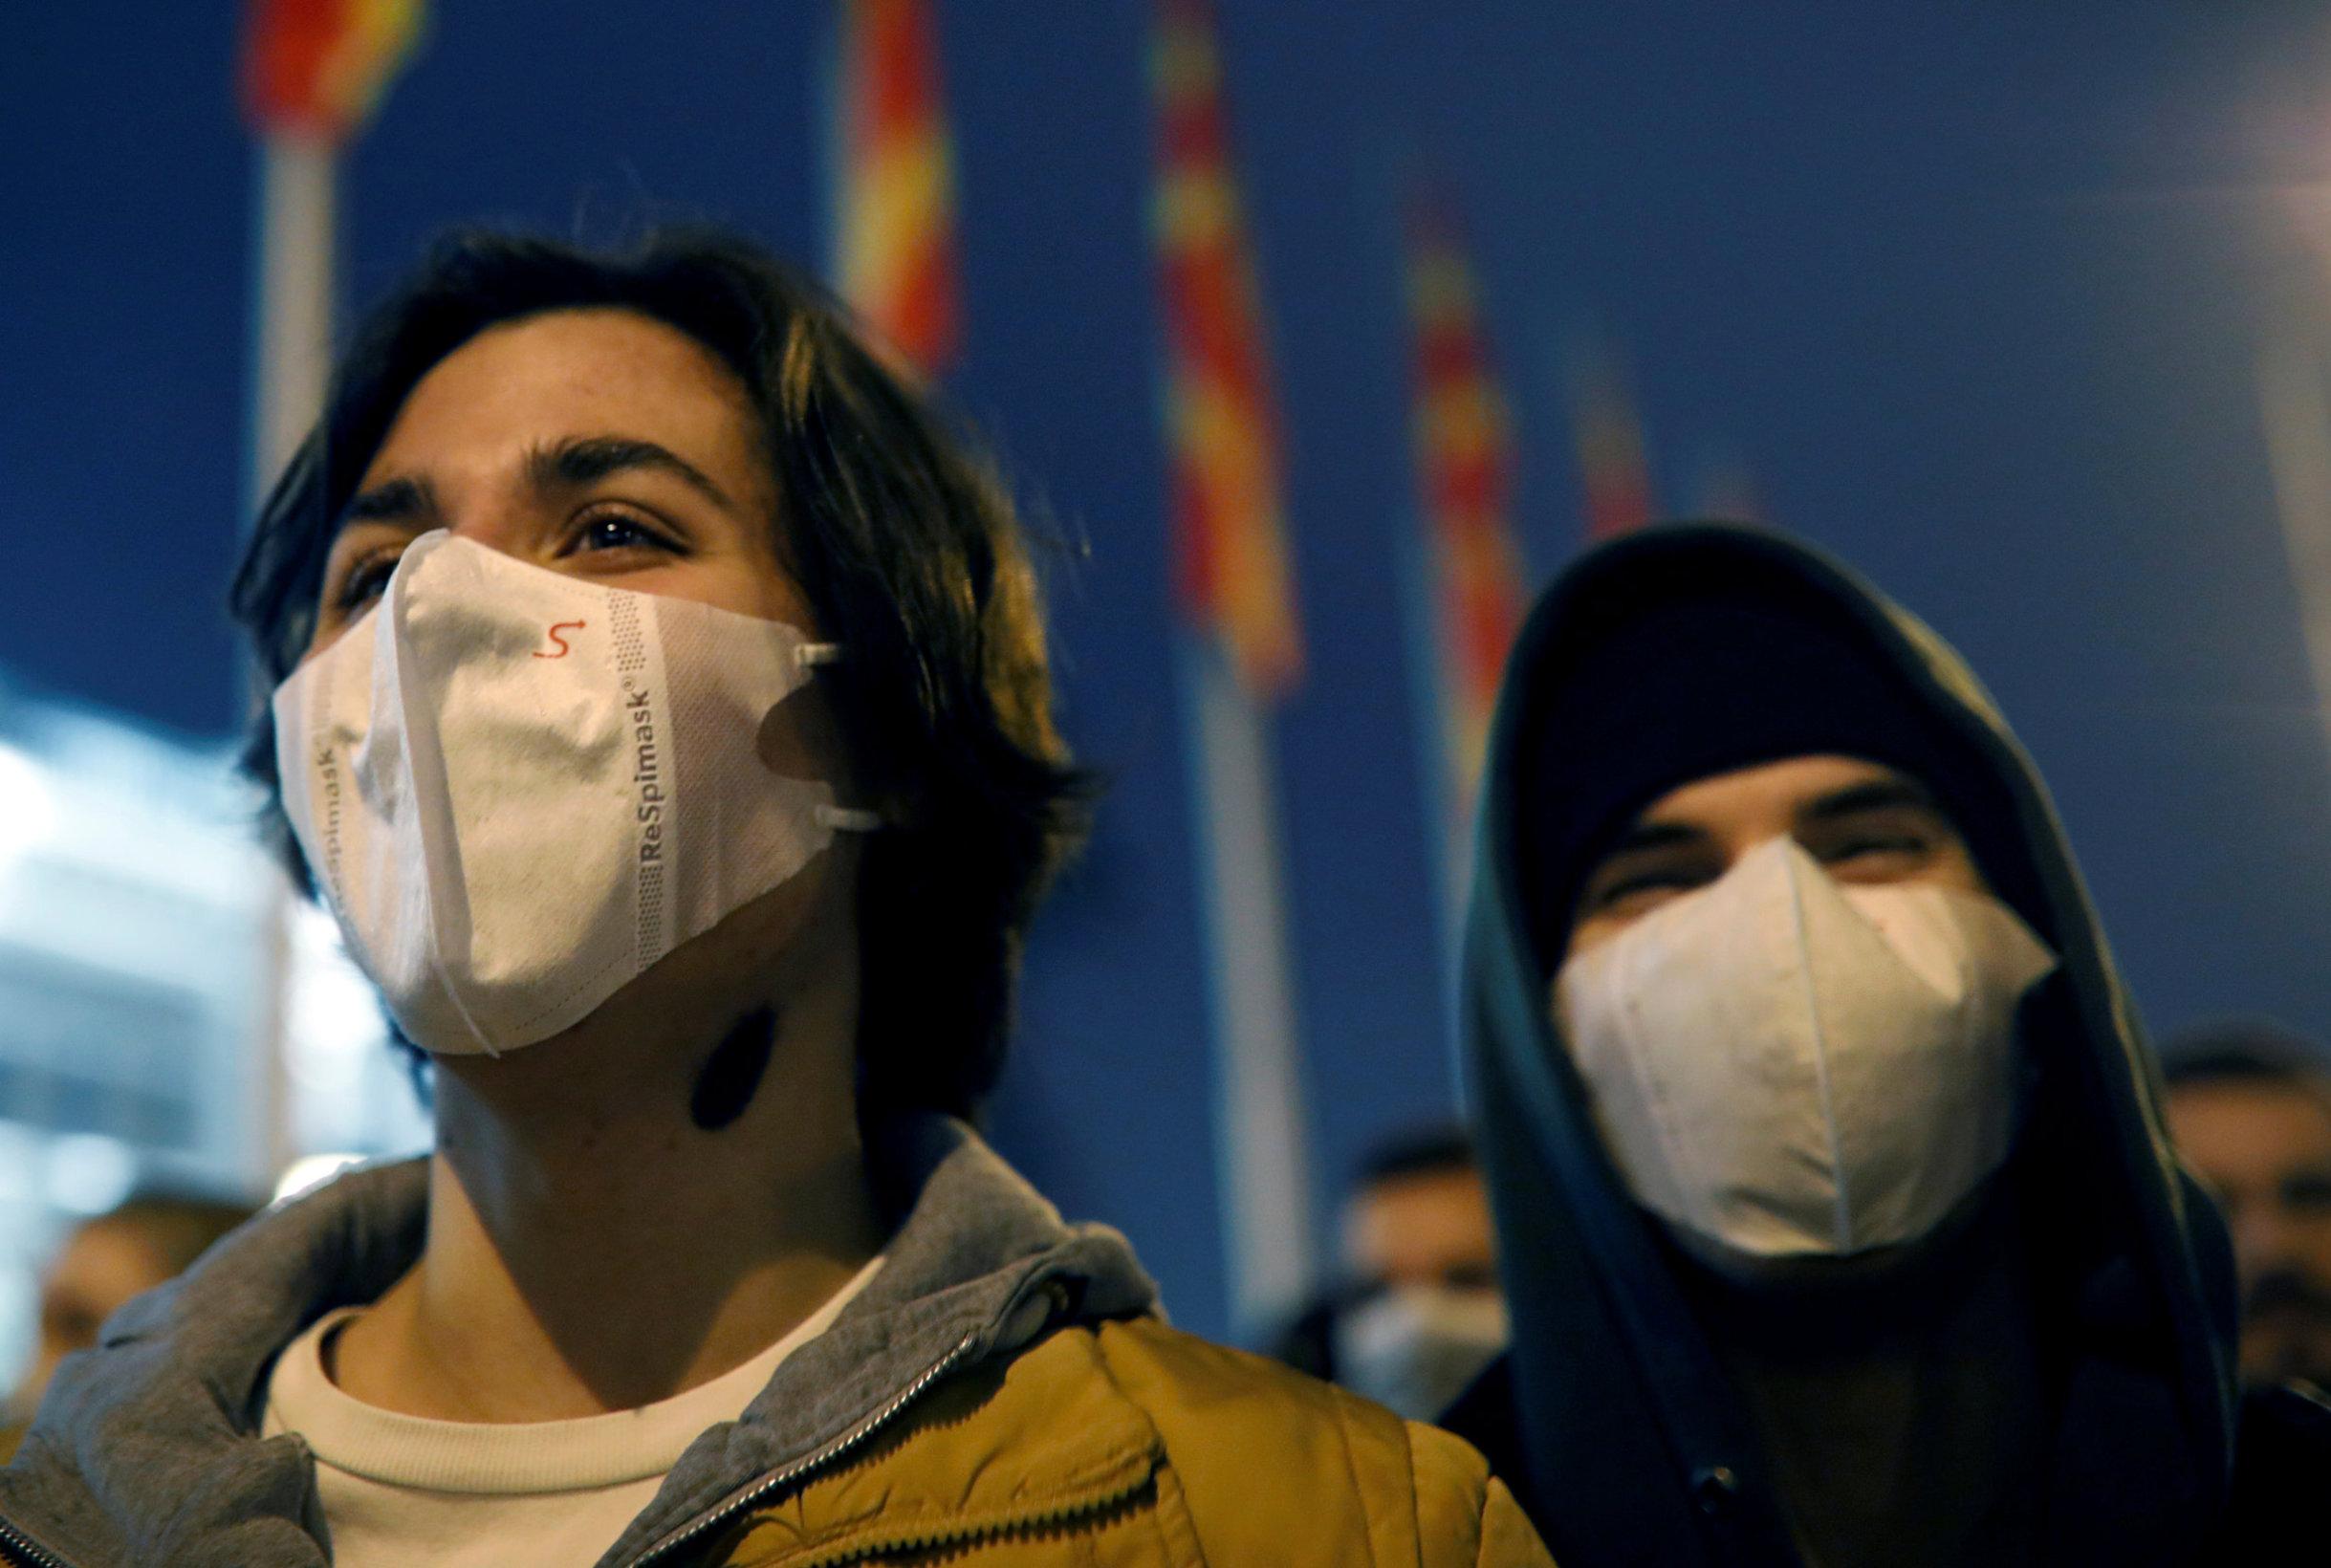 Prosvjedi protiv zagađenja ispred vladine zgrade u Skoplju, 20. prosinac 2019.